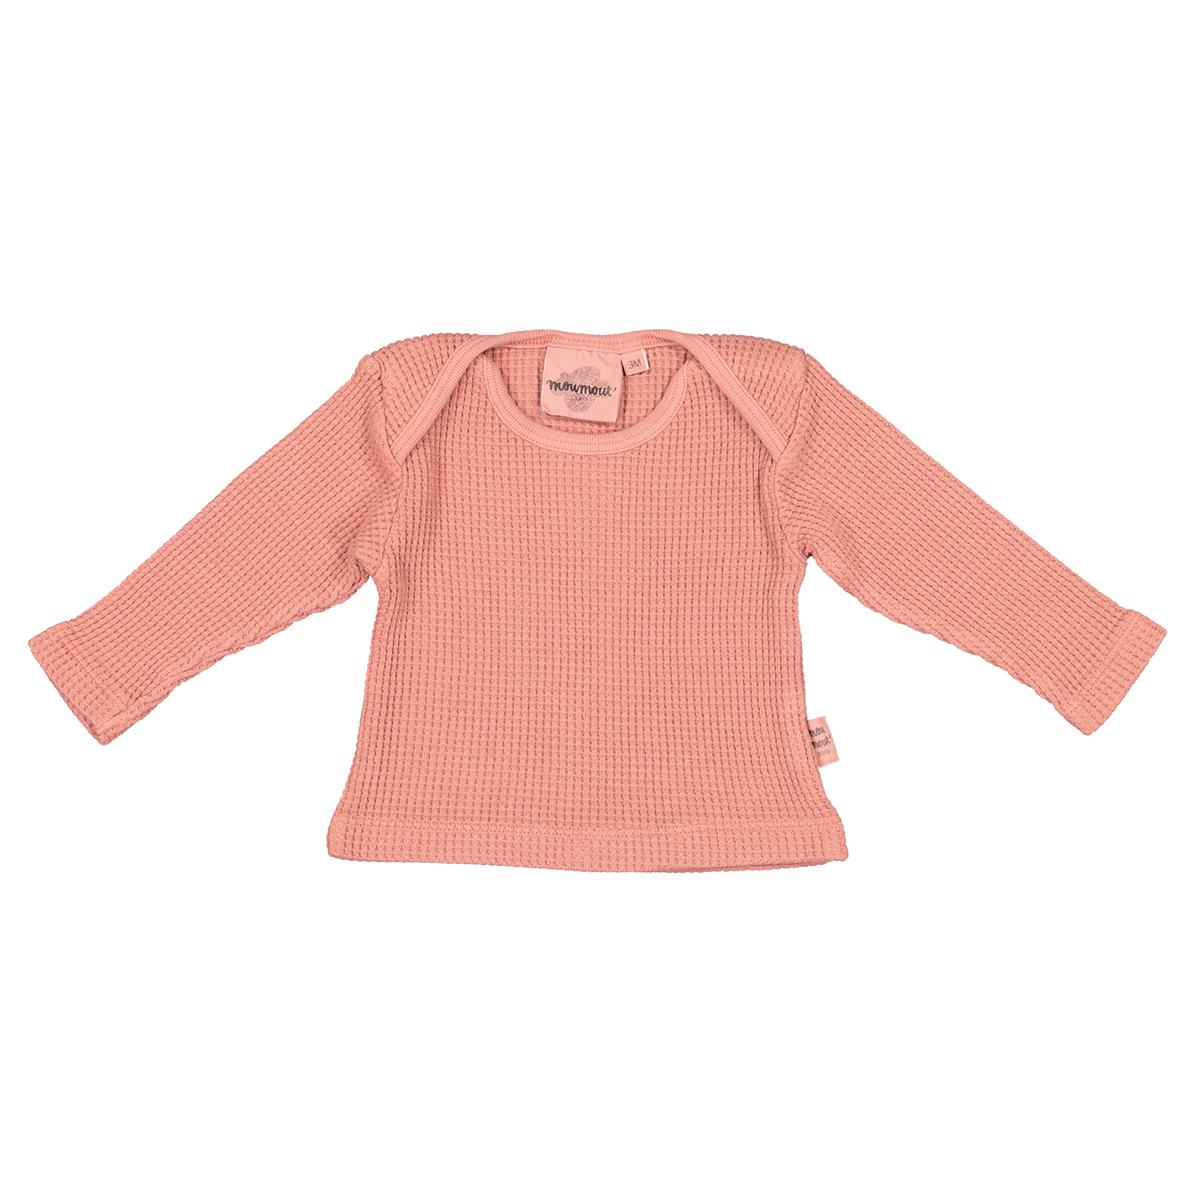 Haut bébé Tee-shirt Mü Bee Terracotta - 12 Mois